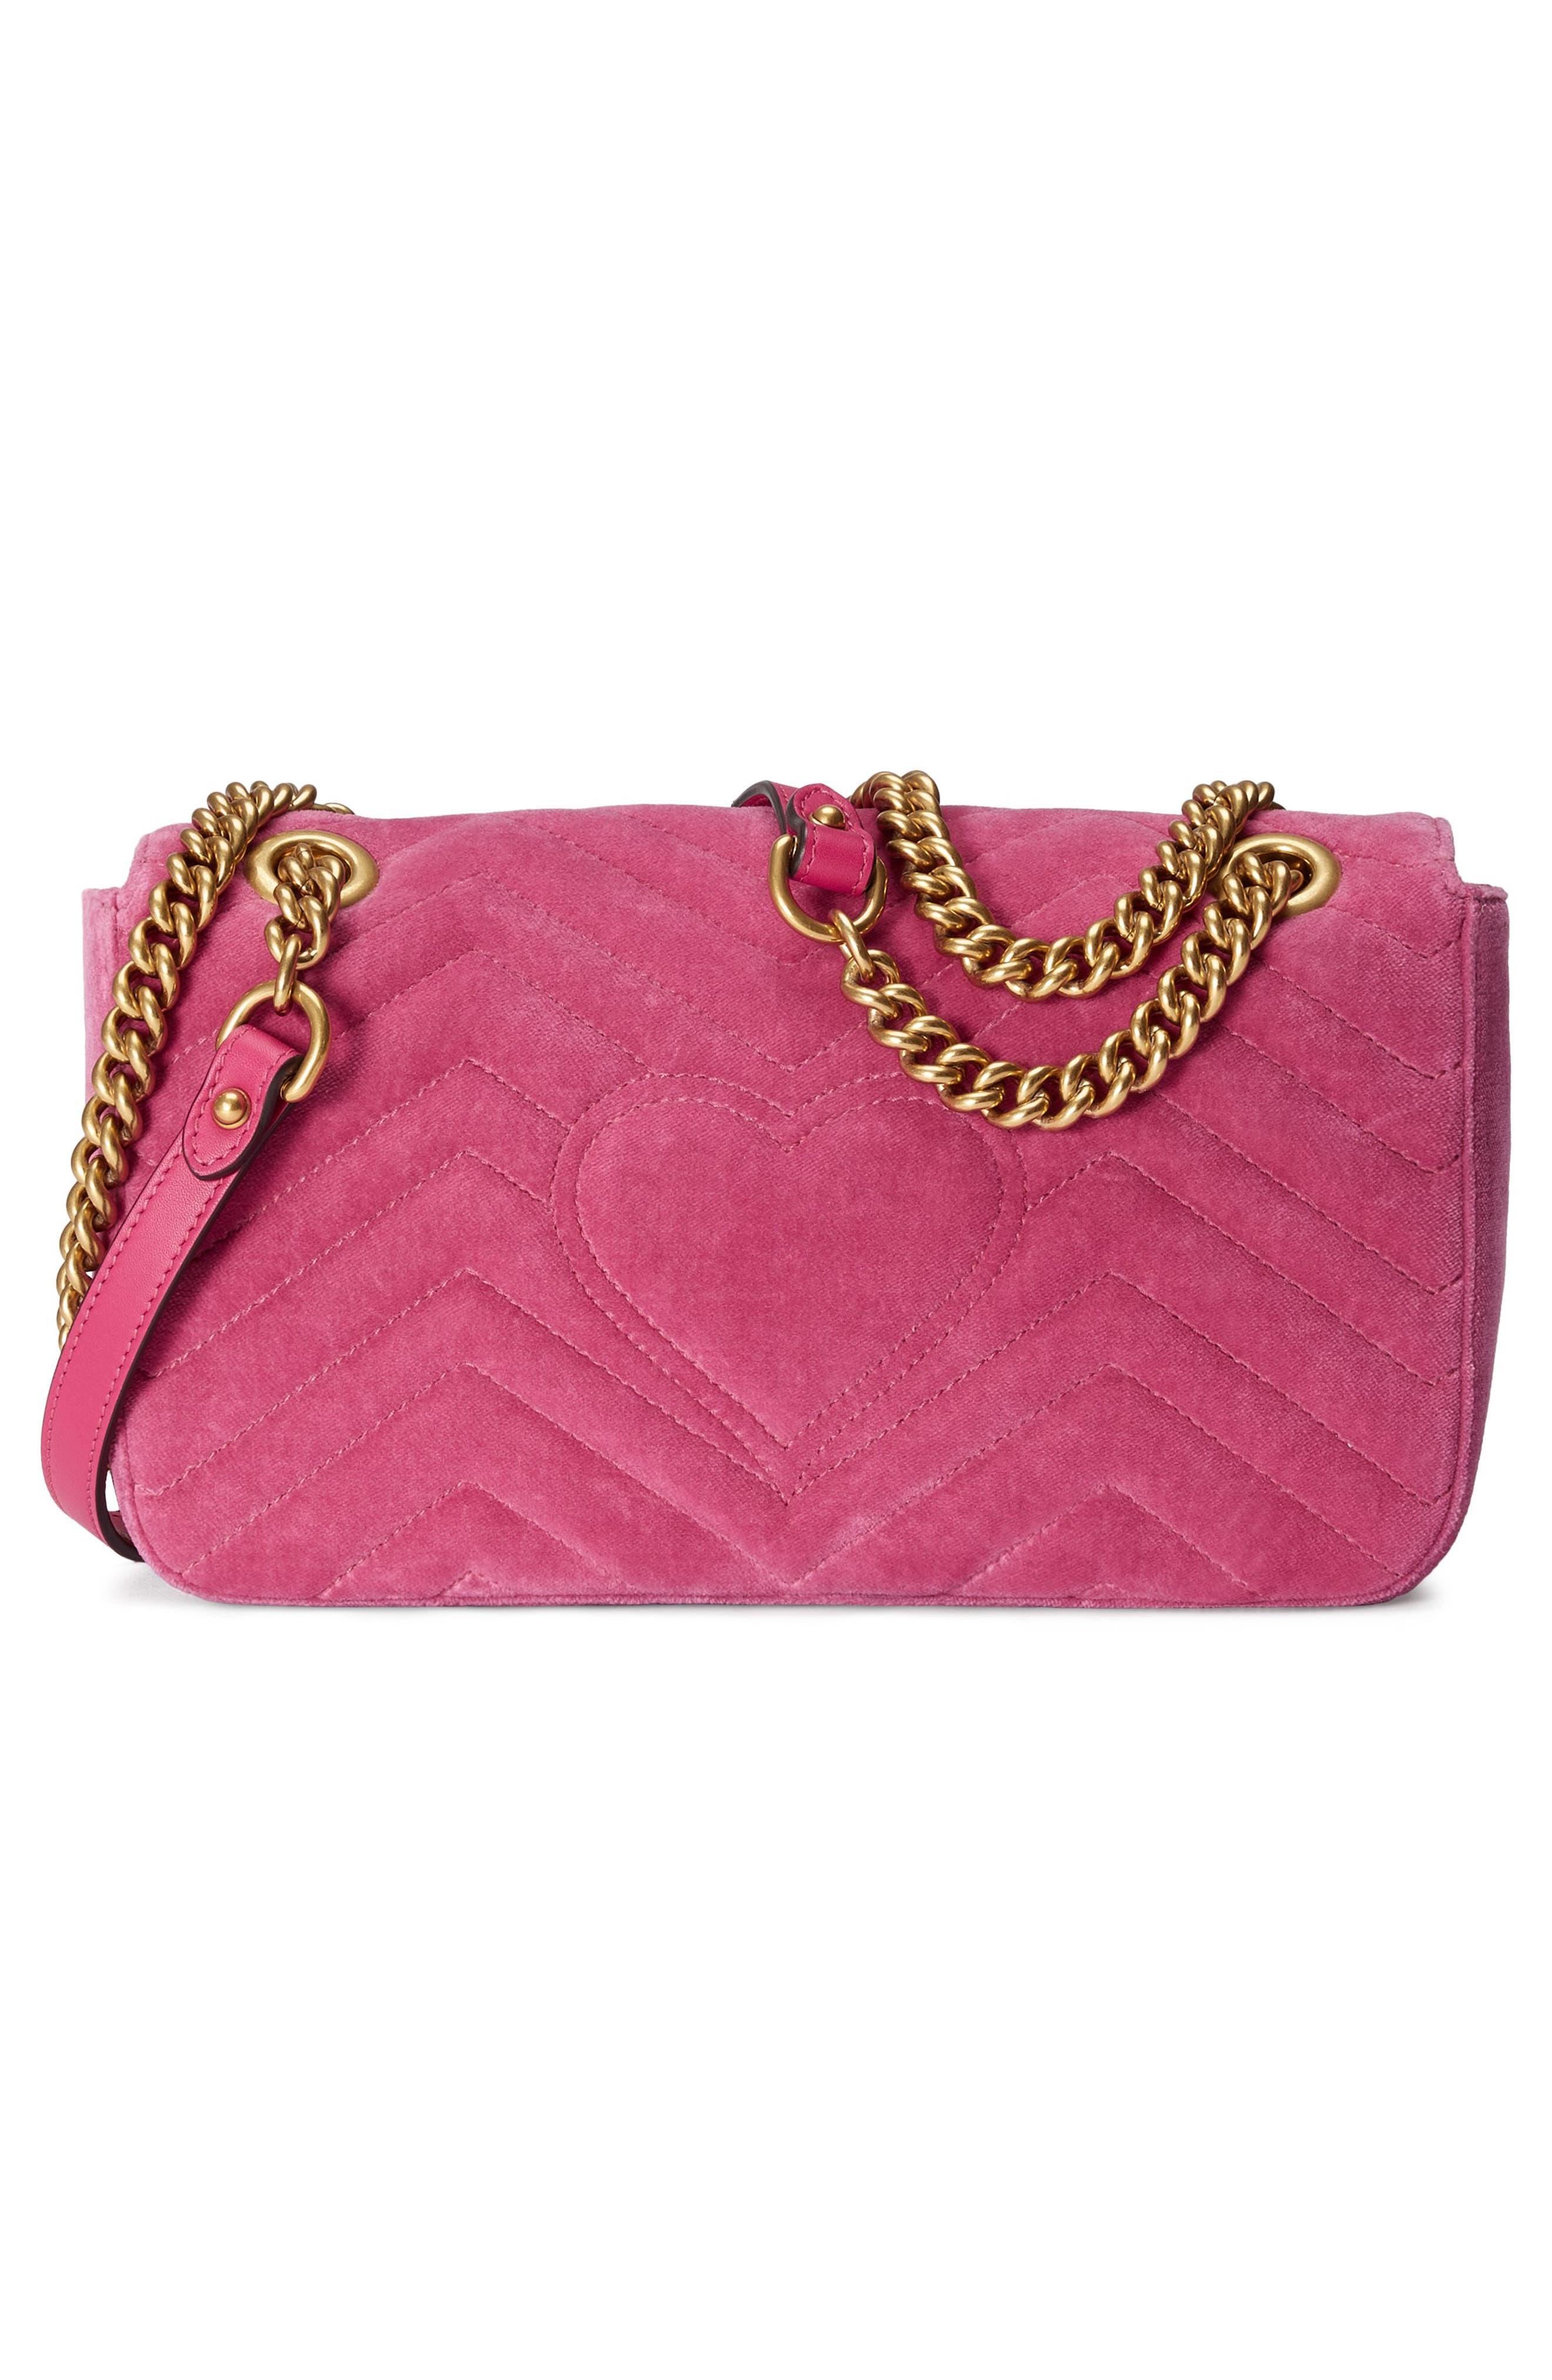 Medium GG Marmont 2.0 Matelassé Velvet Shoulder Bag,                             Alternate thumbnail 2, color,                             Raspberry/ Raspberry Multi